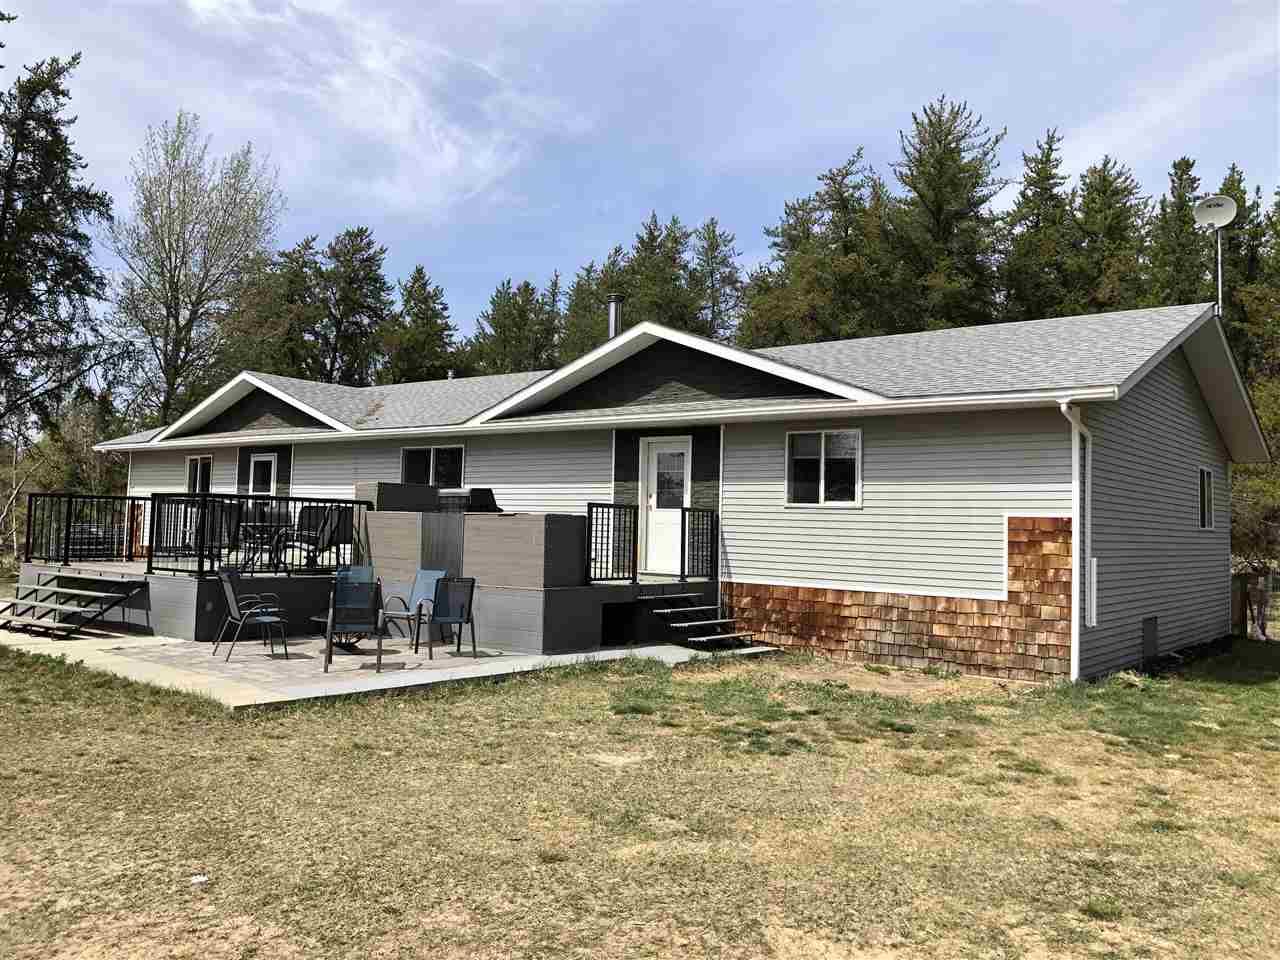 60410 Rge Rd 250, Rural Westlock County, MLS® # E4156525